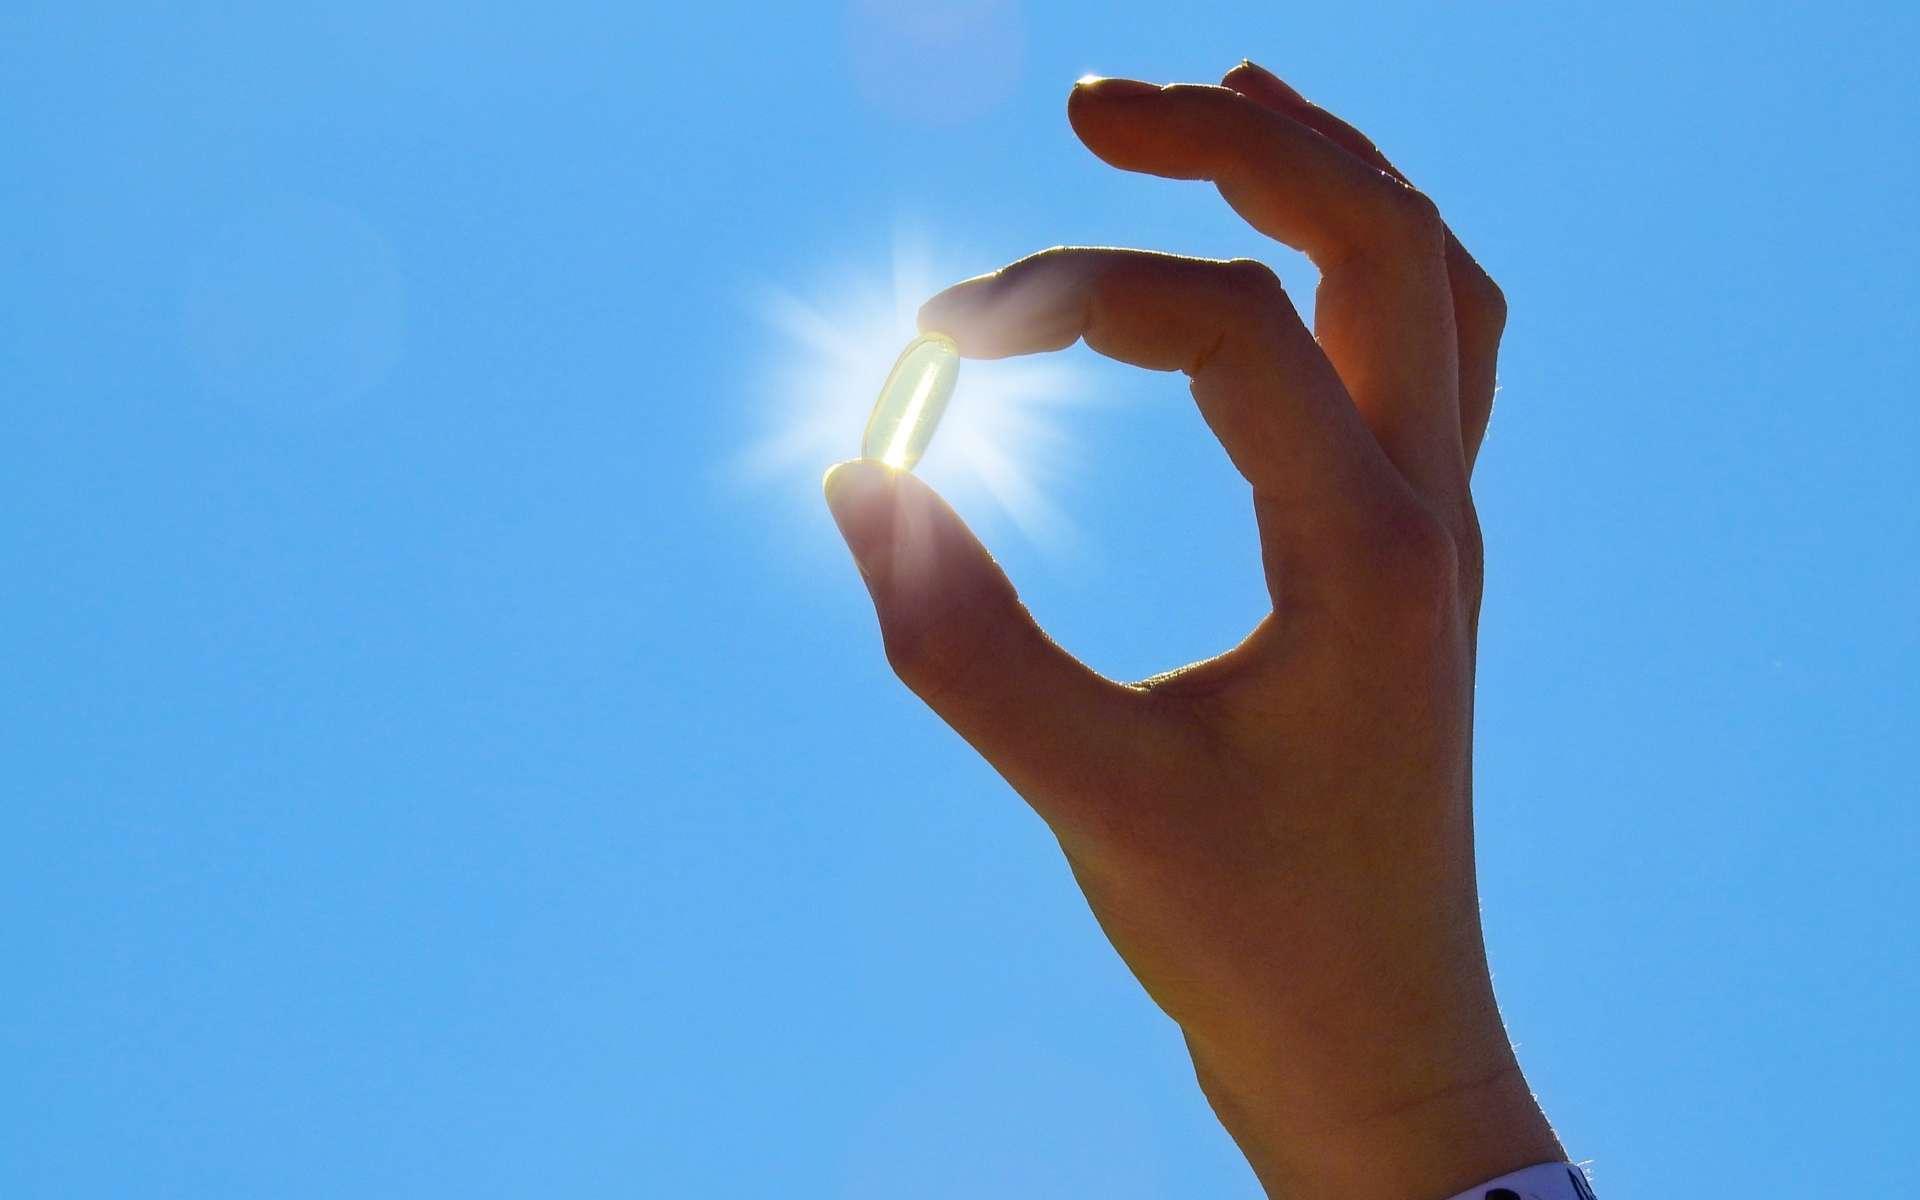 La vitamine D est-elle efficace dans le cadre de la Covid-19 ? © ExQuisine, Adobe Stock